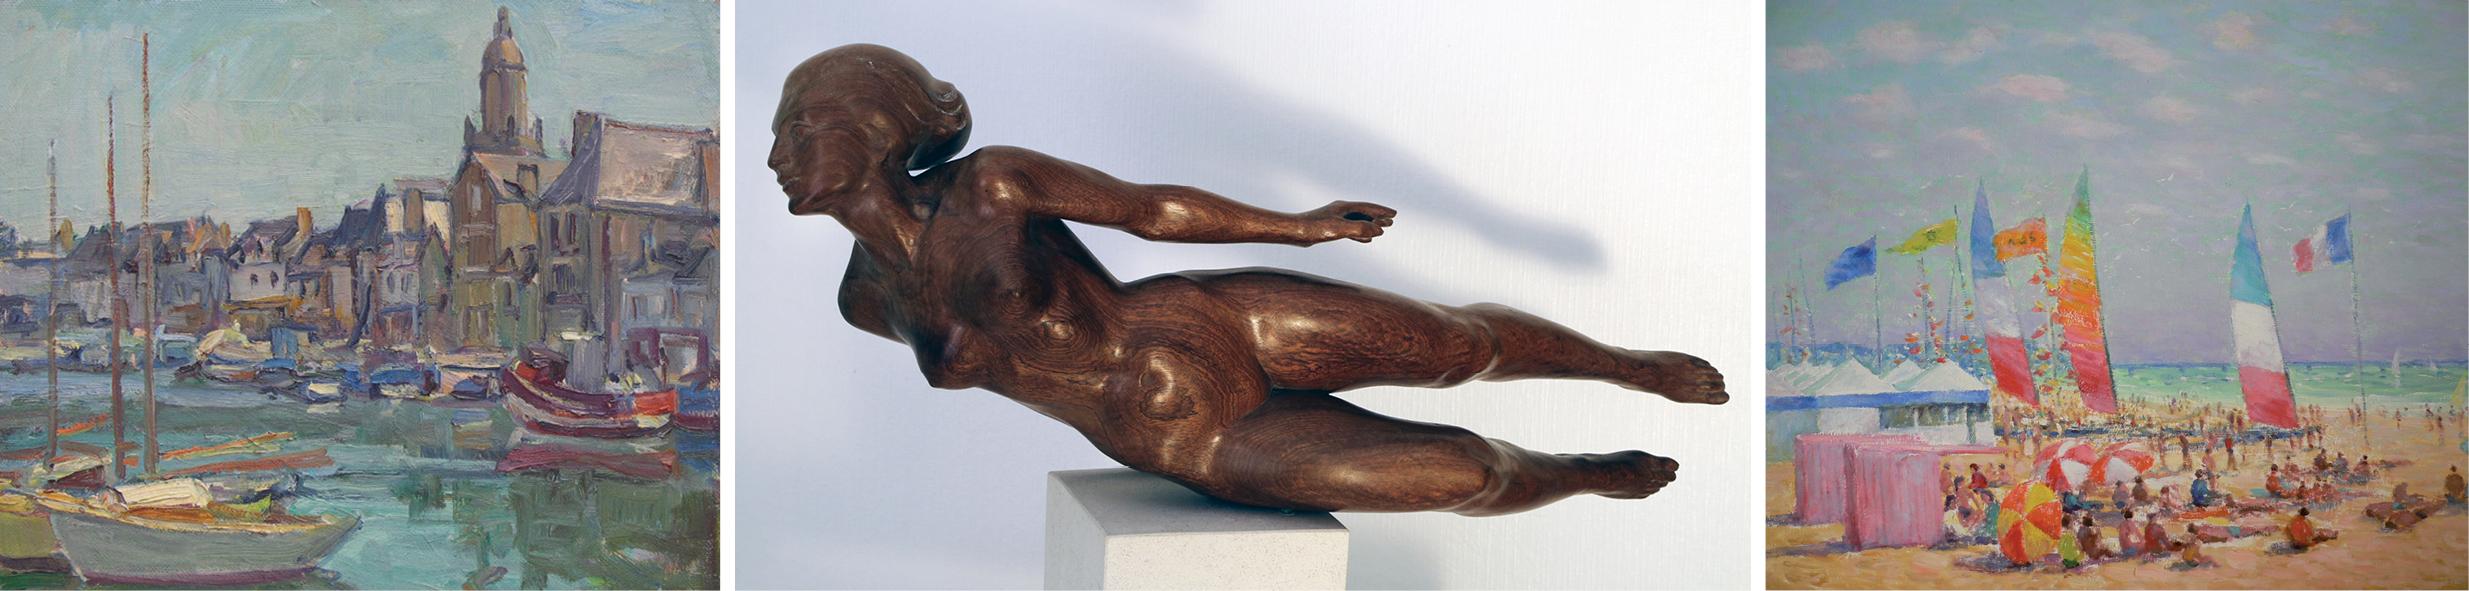 Bandeau - Galerie Chapleau - Collection.jpg